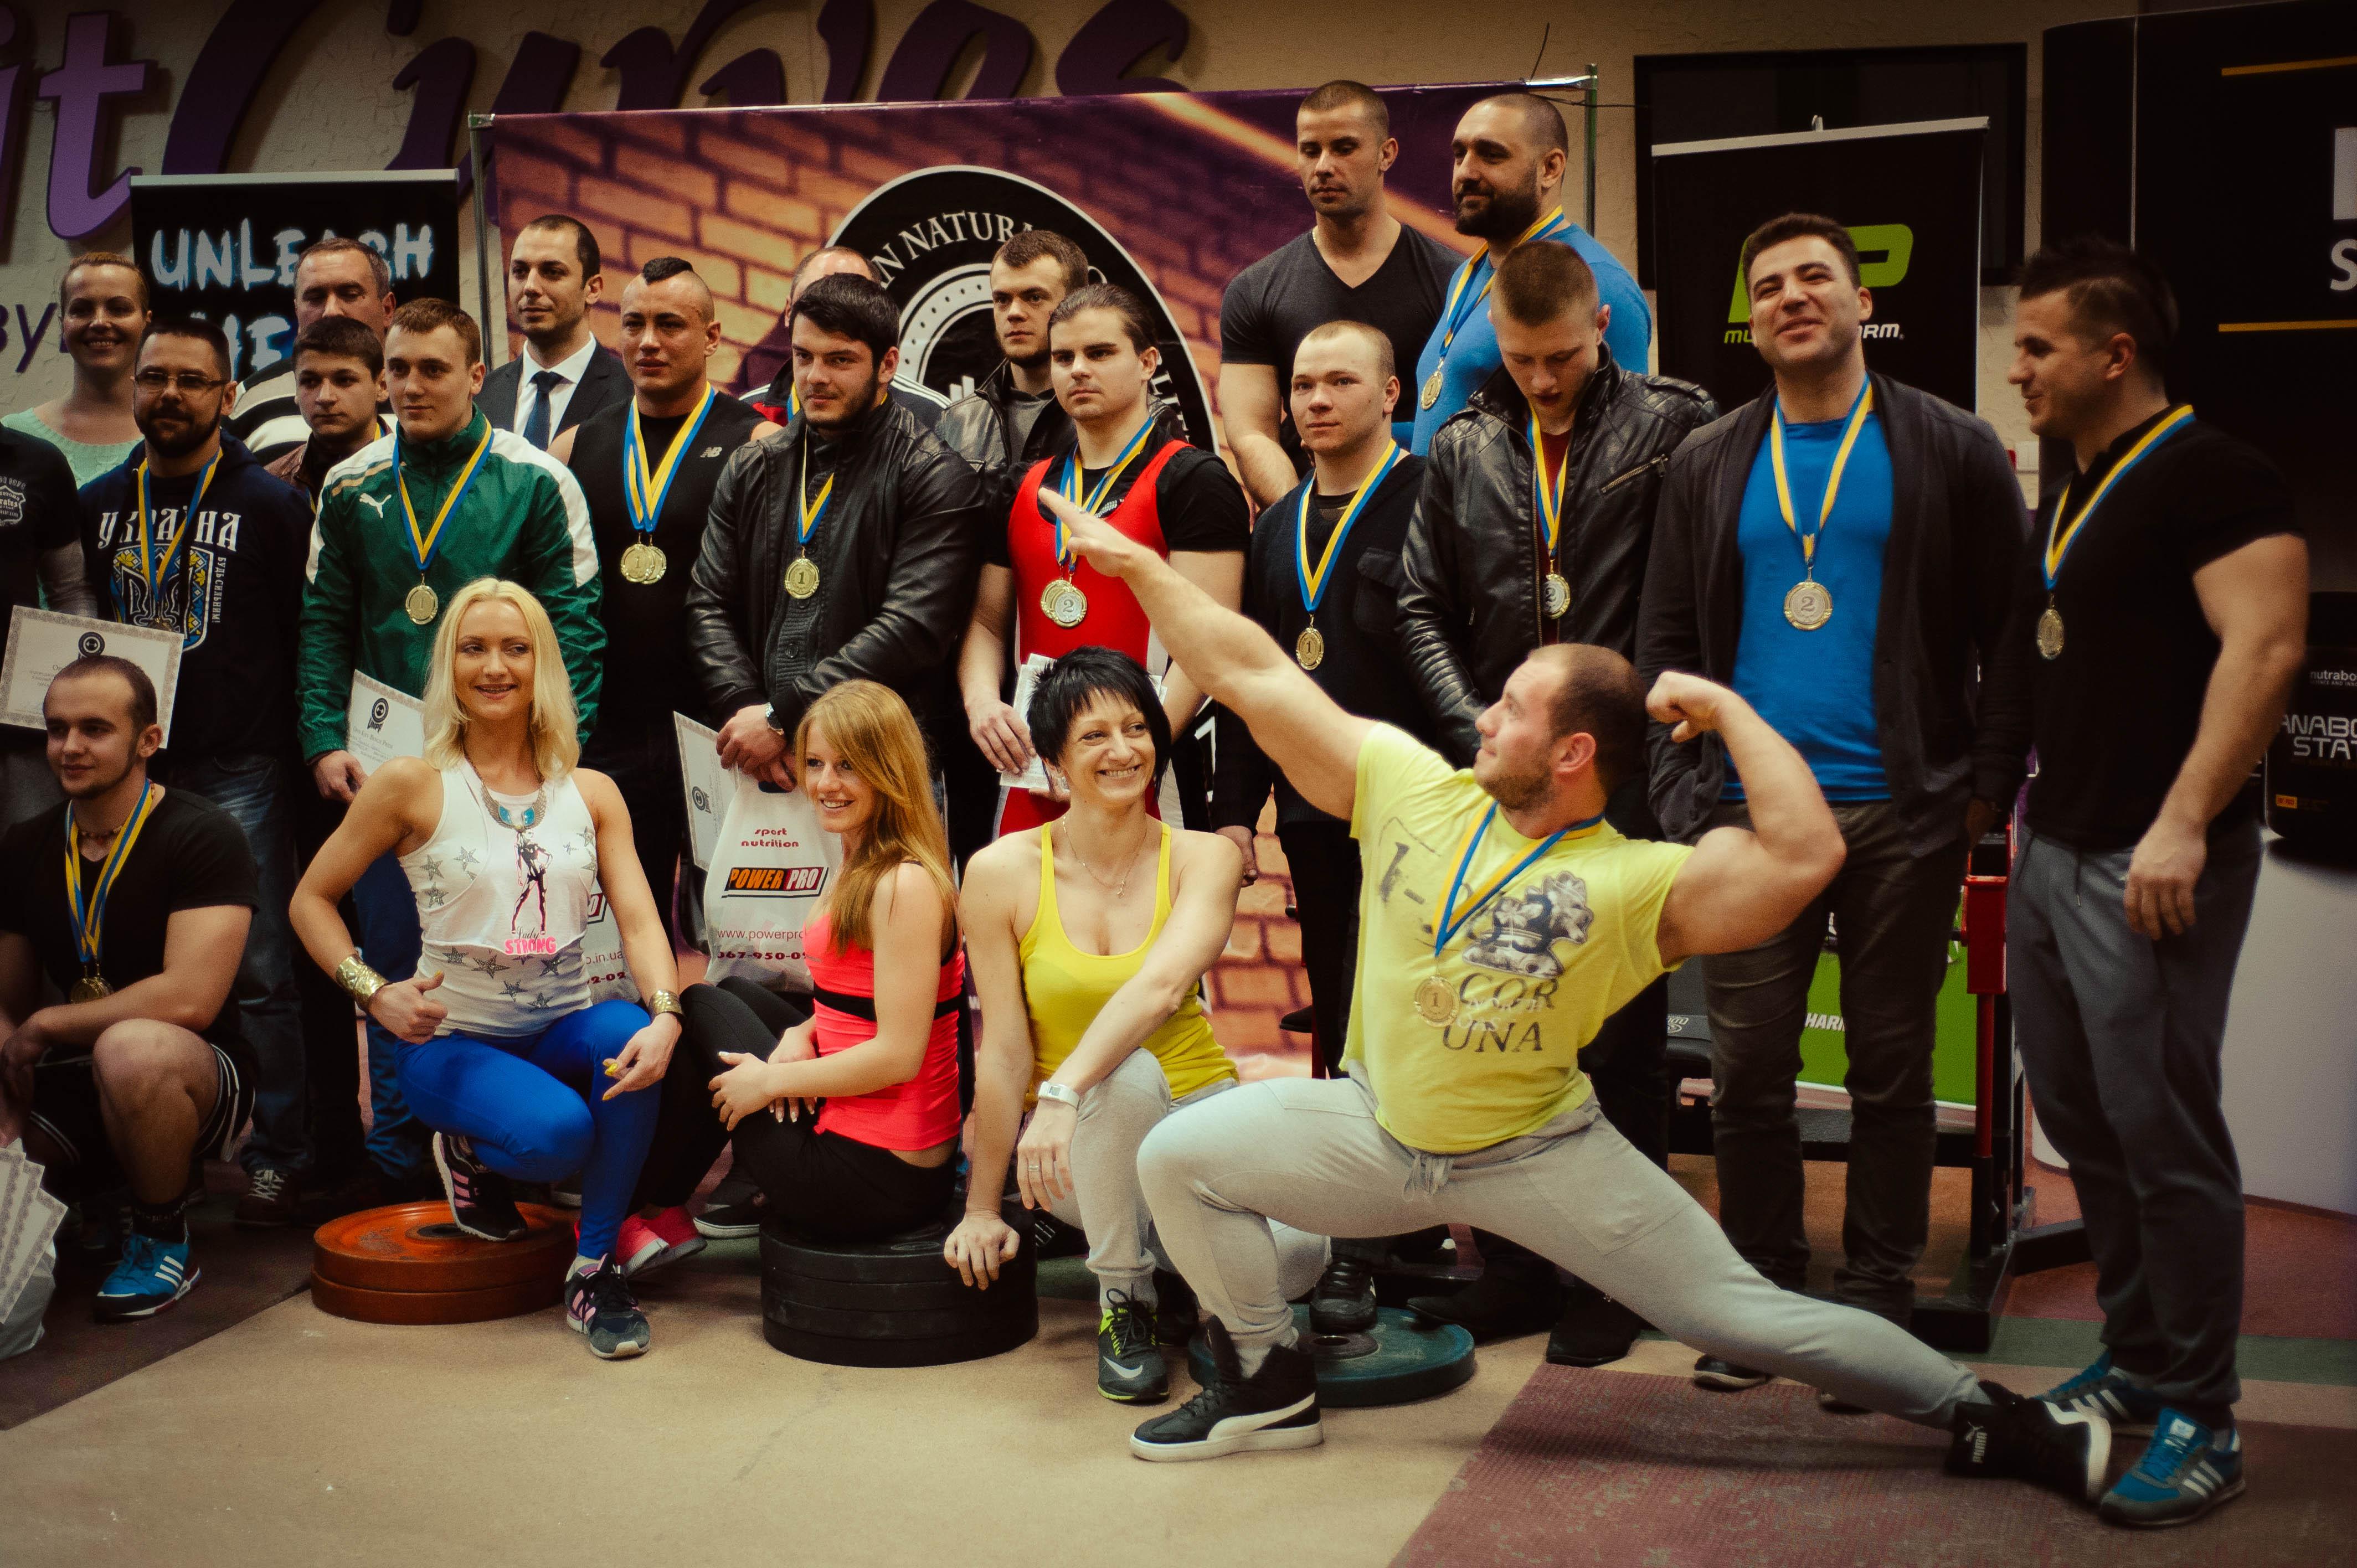 чемпіонат україни з пауерліфтингу 04